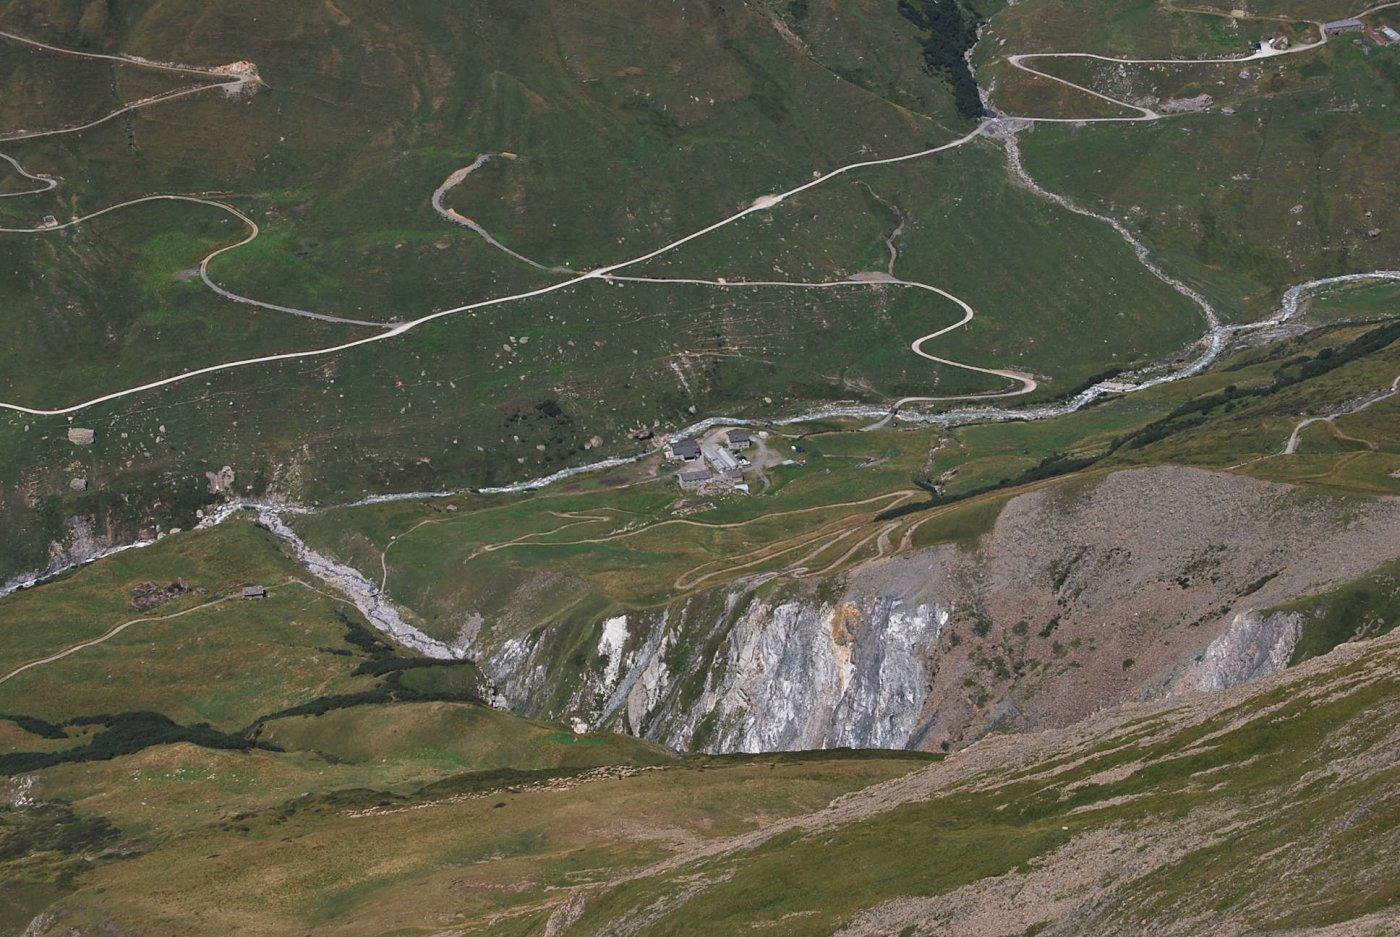 Dalla cresta: il Rifugio des Mottets e la via di salita che costeggia e poi attraversa la gola.